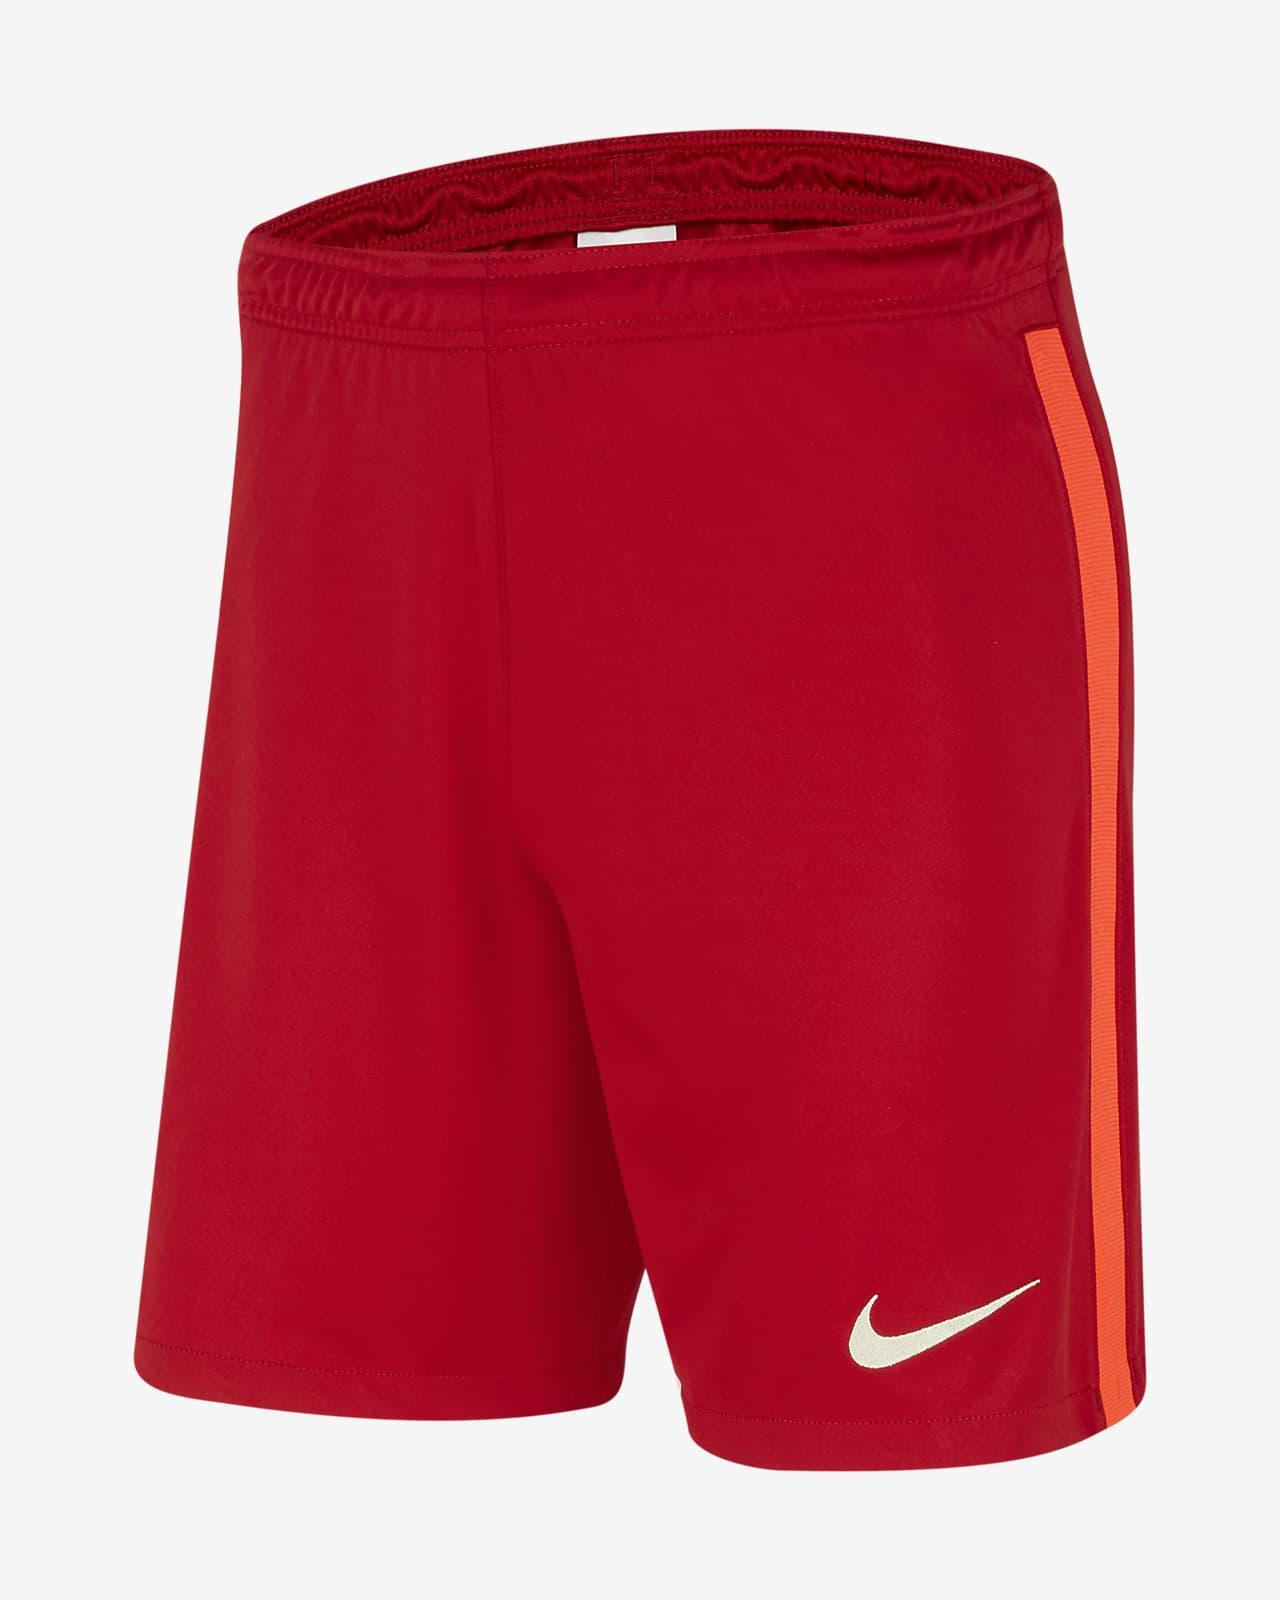 2021/22 赛季利物浦主场球迷版男子足球短裤